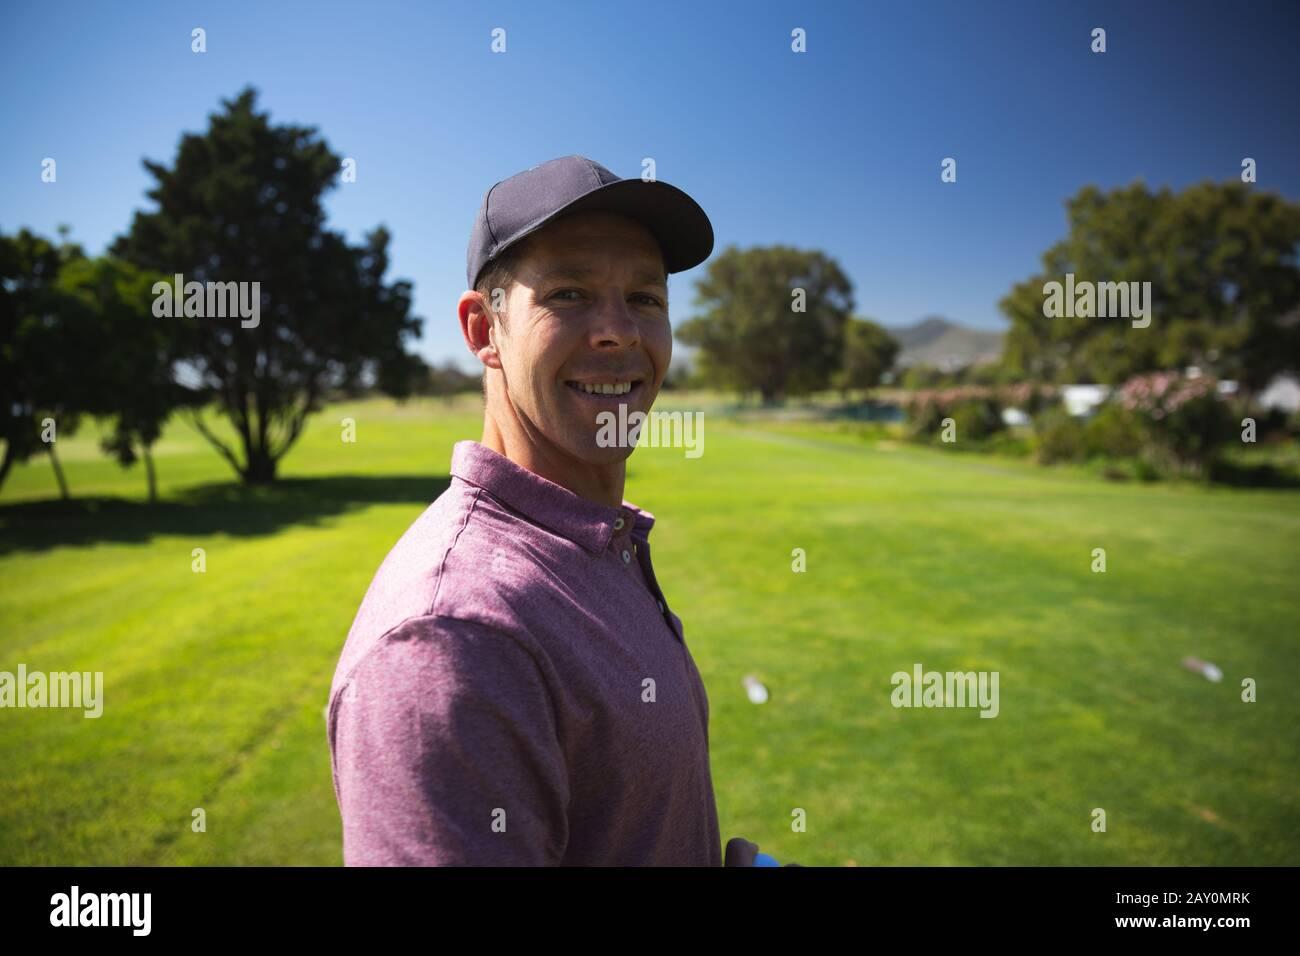 Golfeur souriant et regardant l'appareil photo Banque D'Images